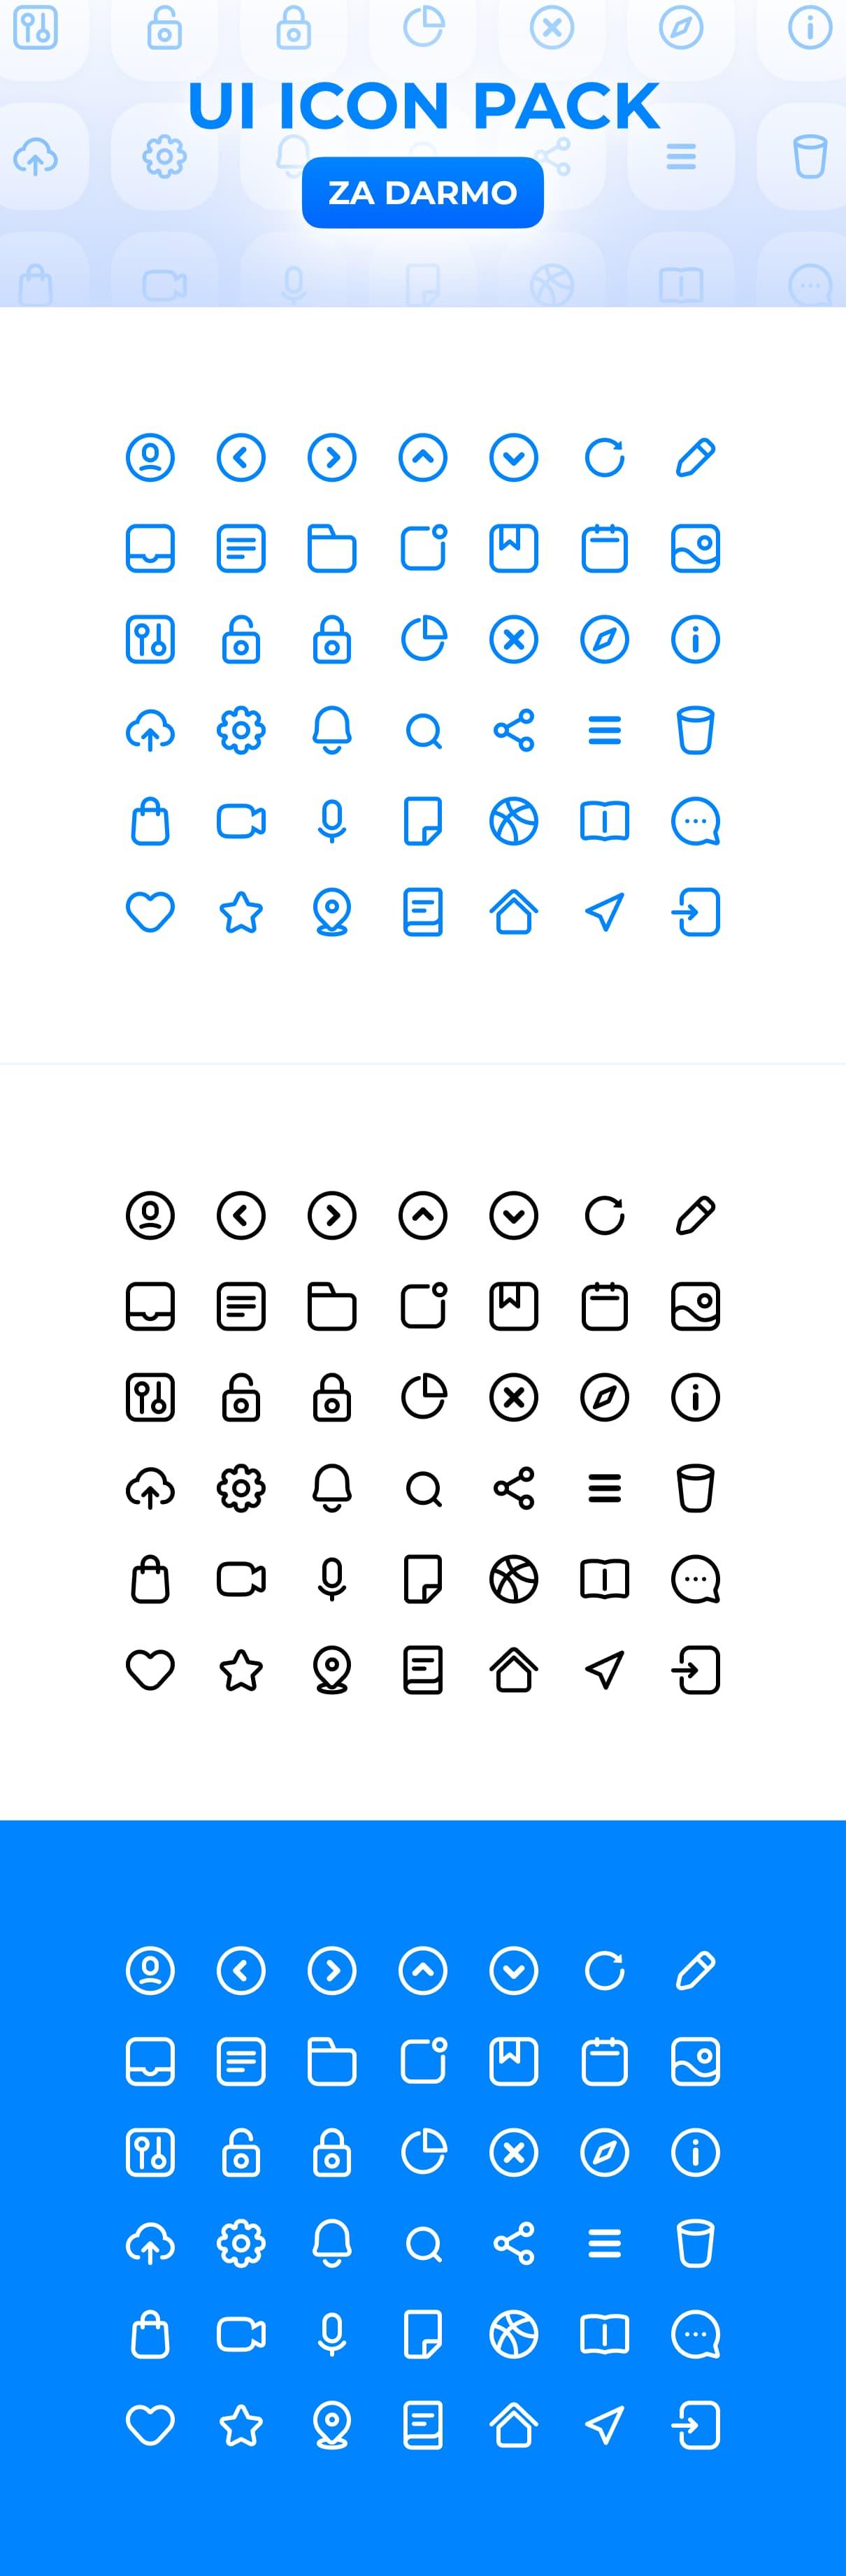 Zestaw ikon UI Icon Pack dla projektantów, designerów. Zestaw do pobrania za darmo - materiały graficzne